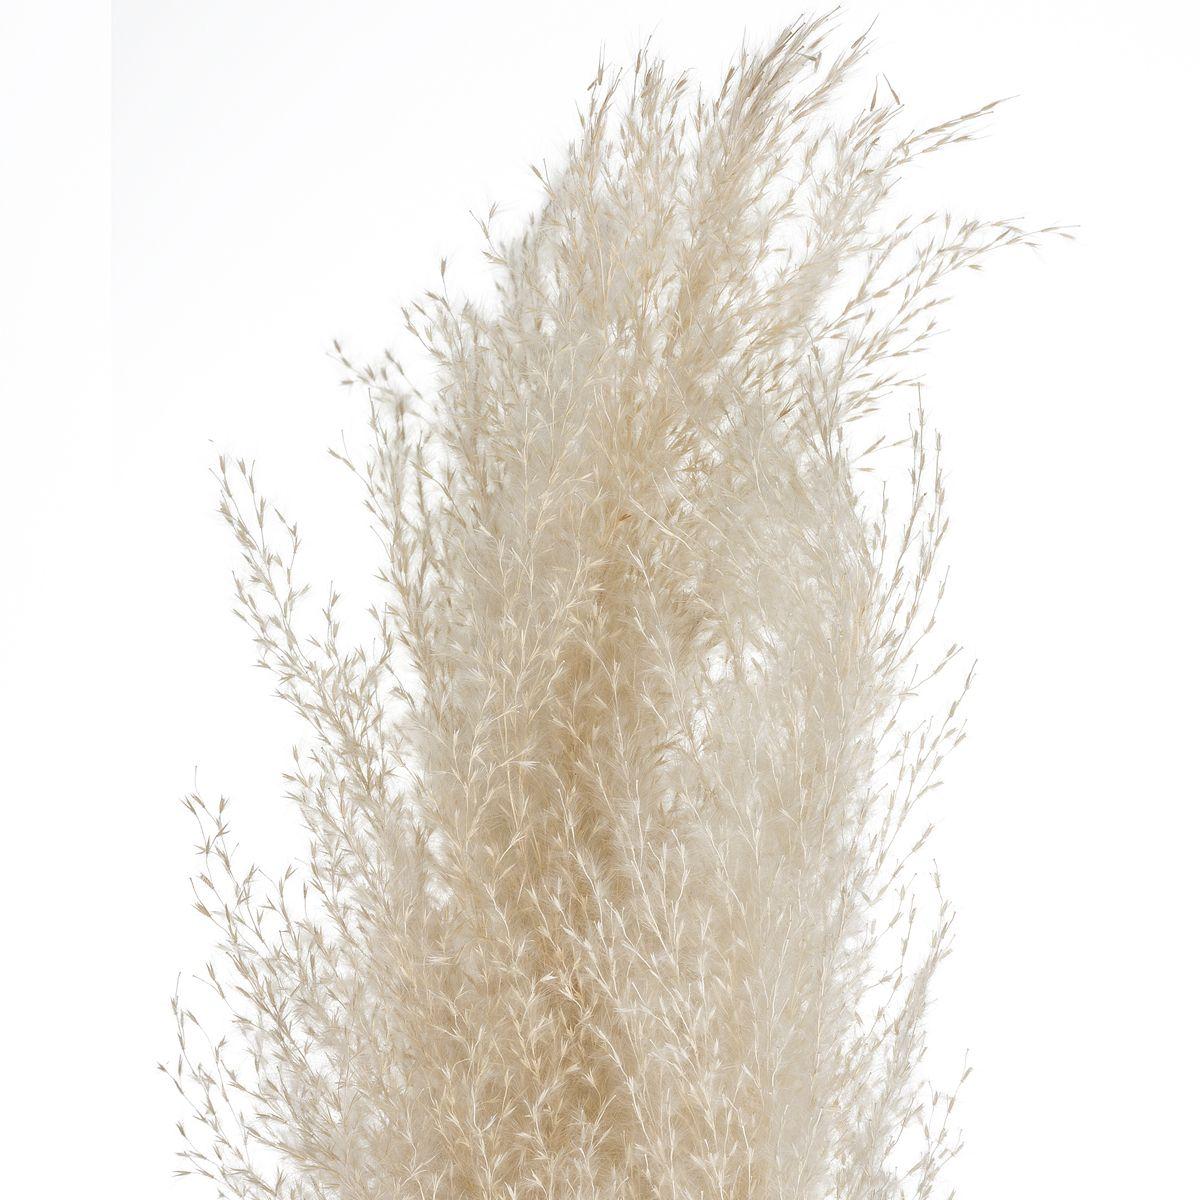 Lot de 3 fleurs de la pampa naturelles séchées H. 110 cm